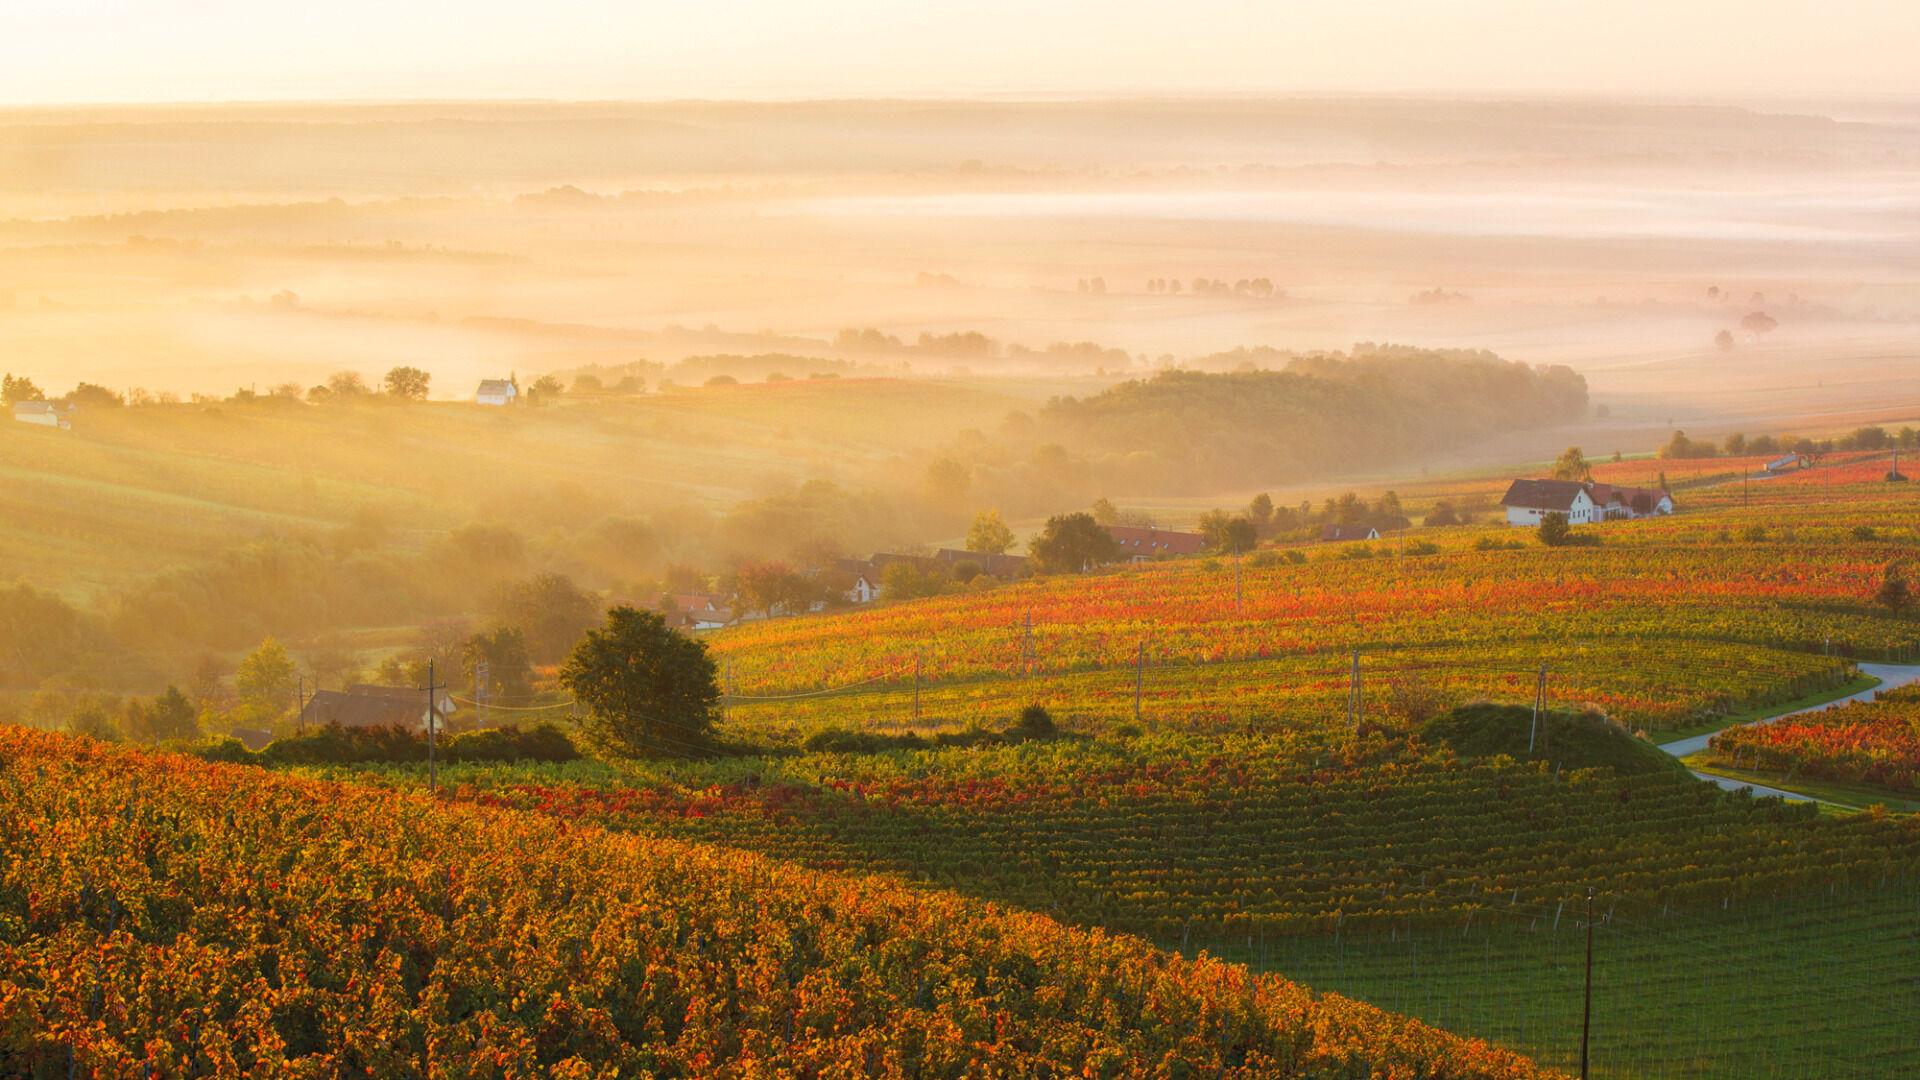 © Burgenland Tourismus / Marc Graf / Burgenland - Herbststimmung in der Weinidylle